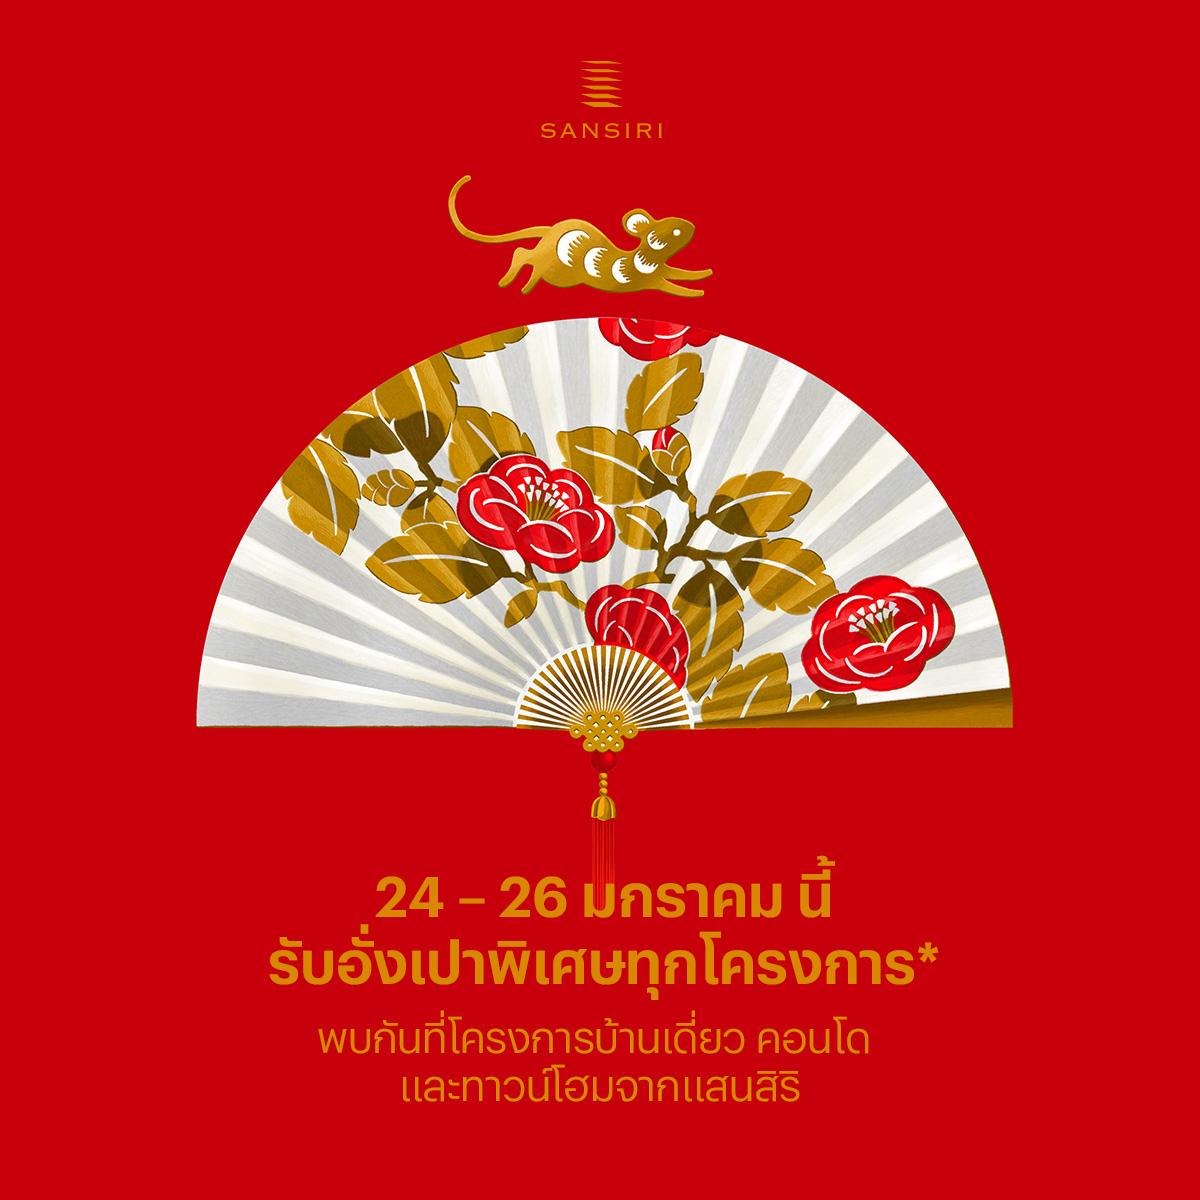 Sansiri Blog_Chinese New Year004_Red Envelop